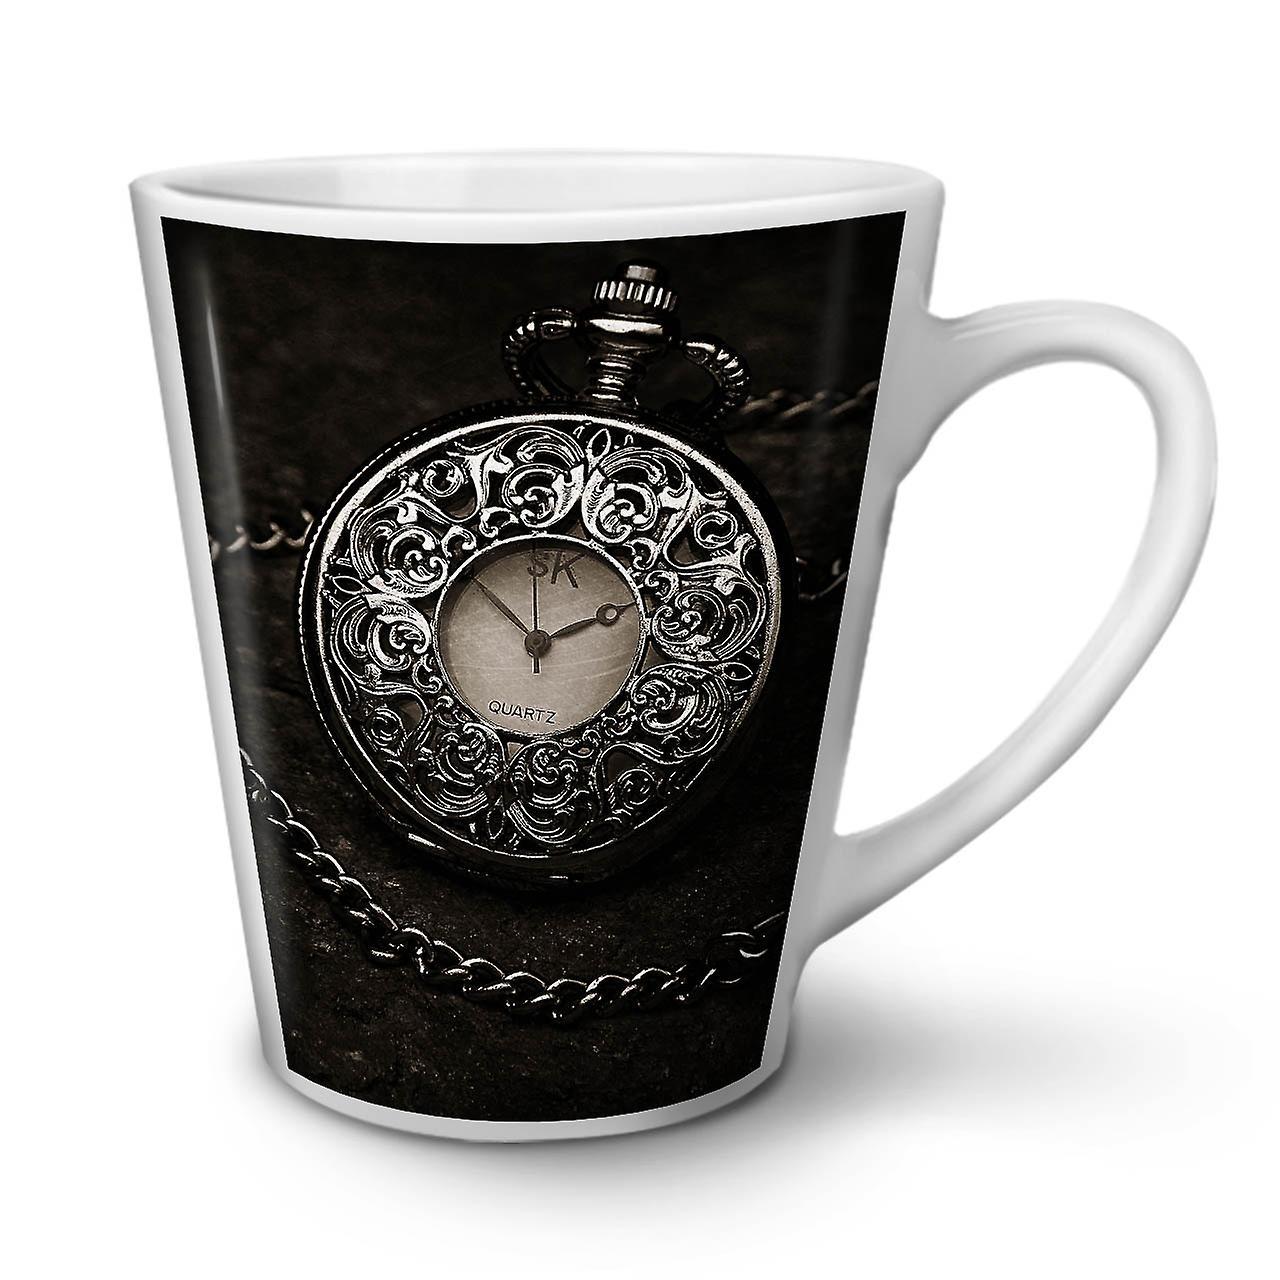 Ancien Blanc 12 OzWellcoda Horloge Café Céramique Nouveau Thé En Unique Mug Latte WDIE2YH9